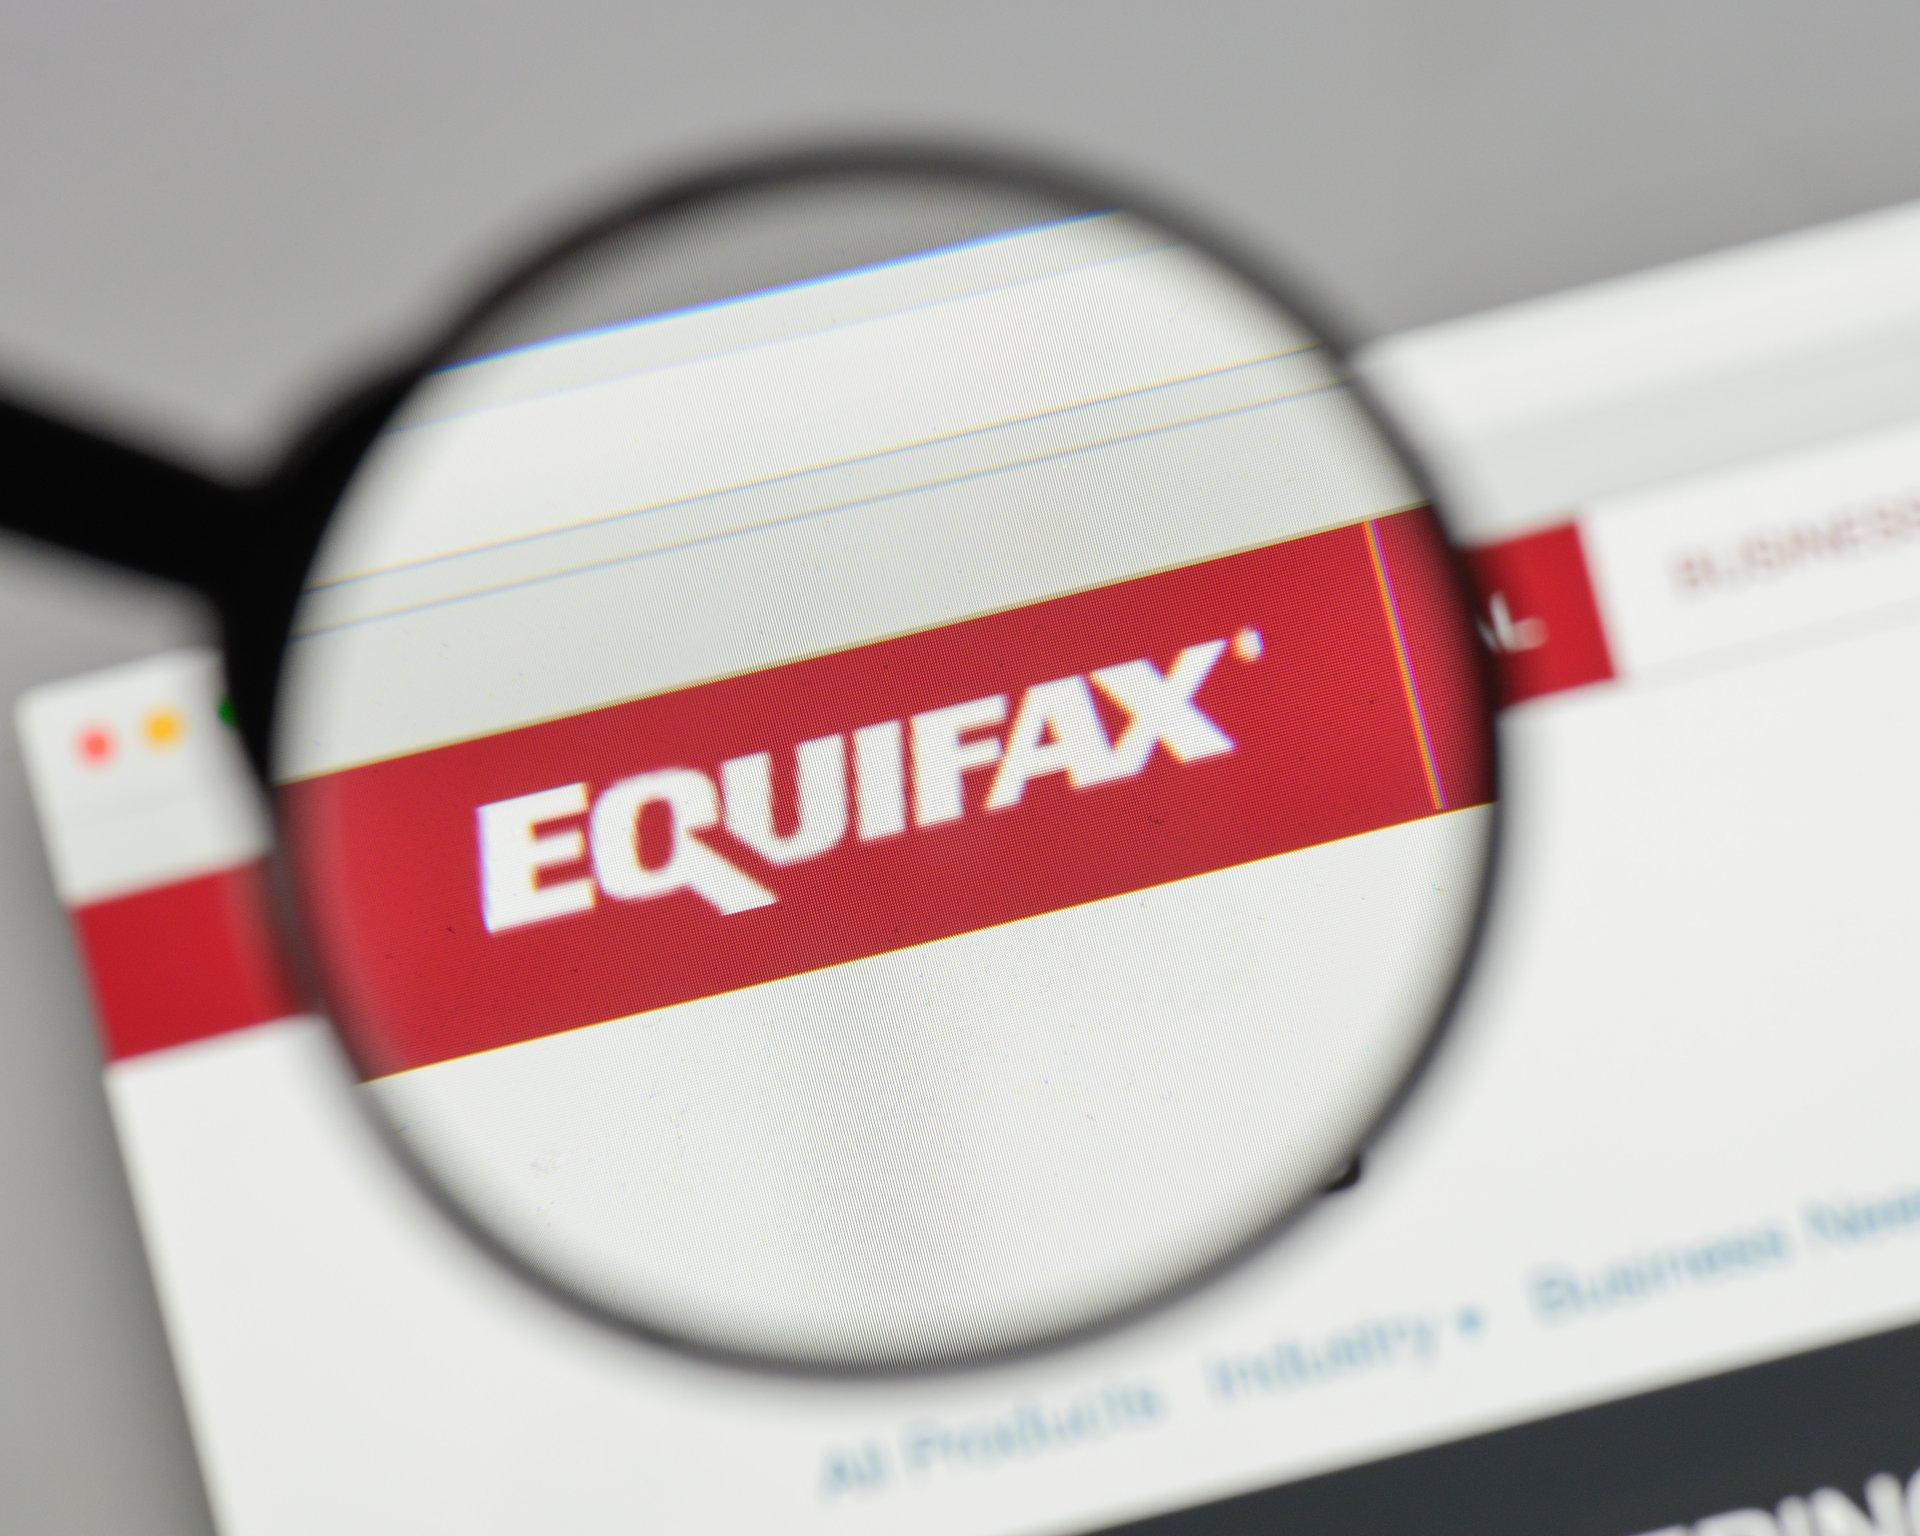 Equifax scrutiny